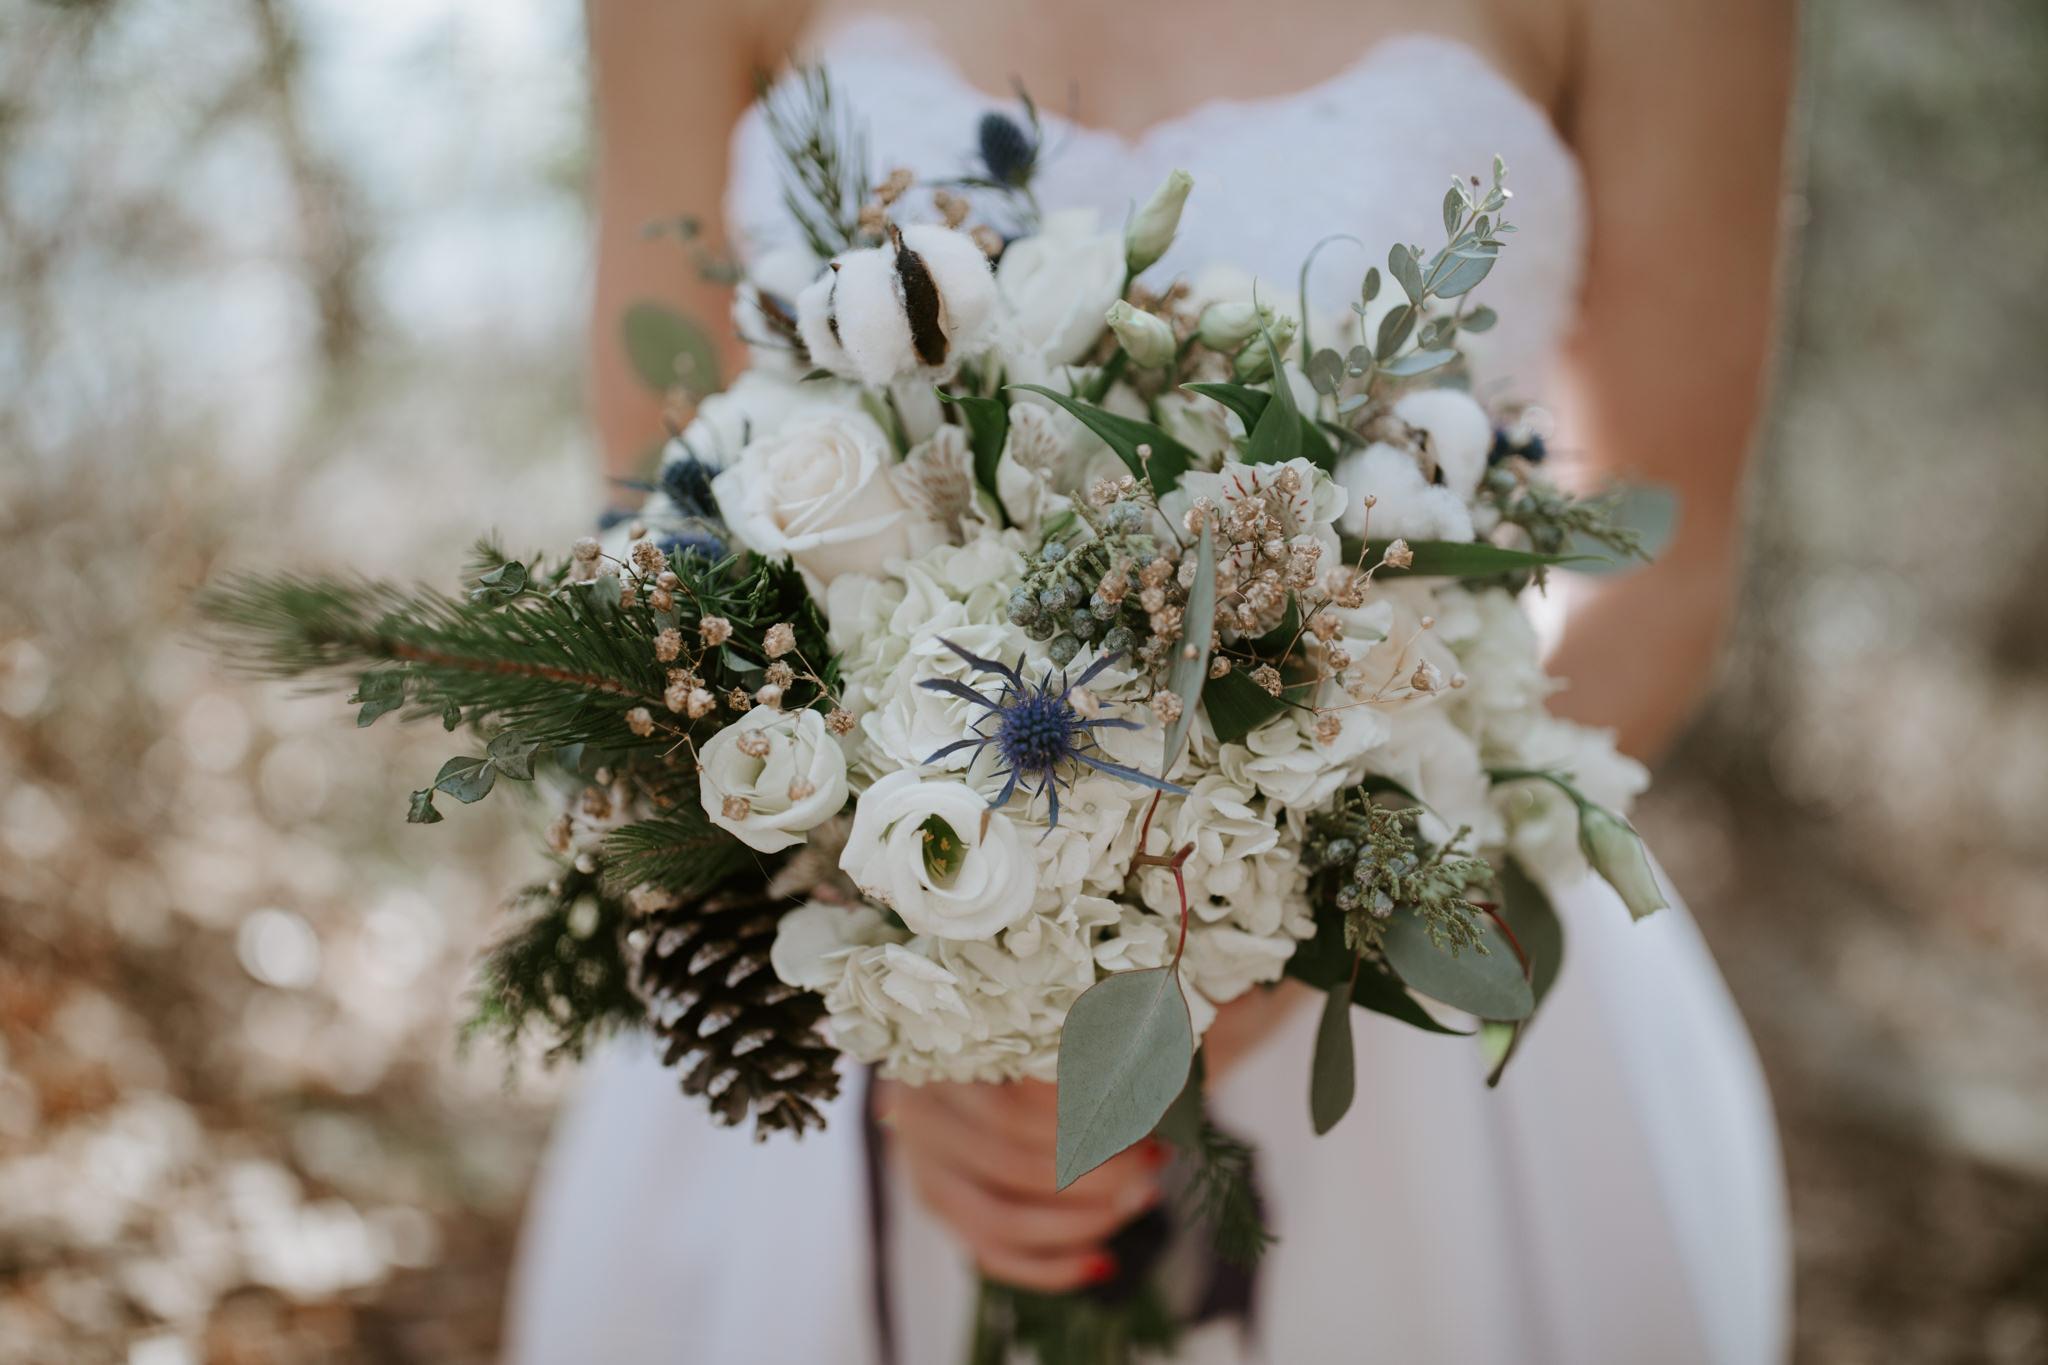 Lauren-and-Trent-Chattanooga-Nashville-Wedding-Elopement-Photographer-18.jpg